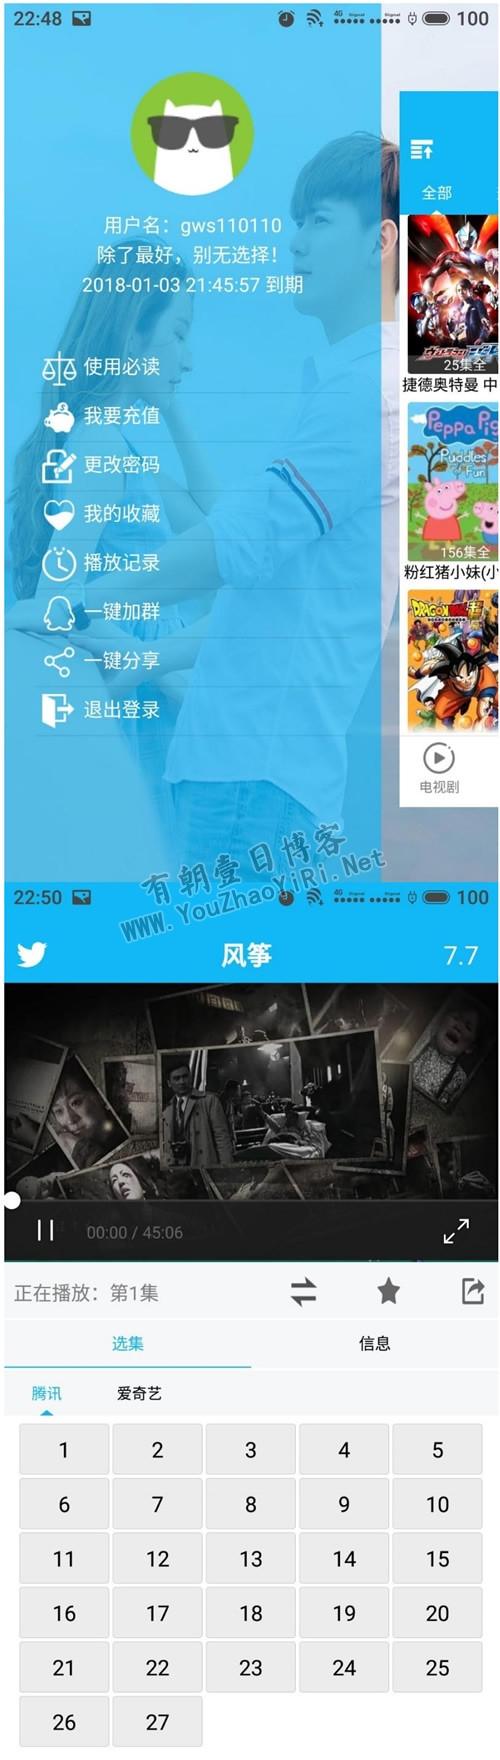 最新解析全网VIP视频E4a源码app,带充值卡和网页后台-有朝壹日